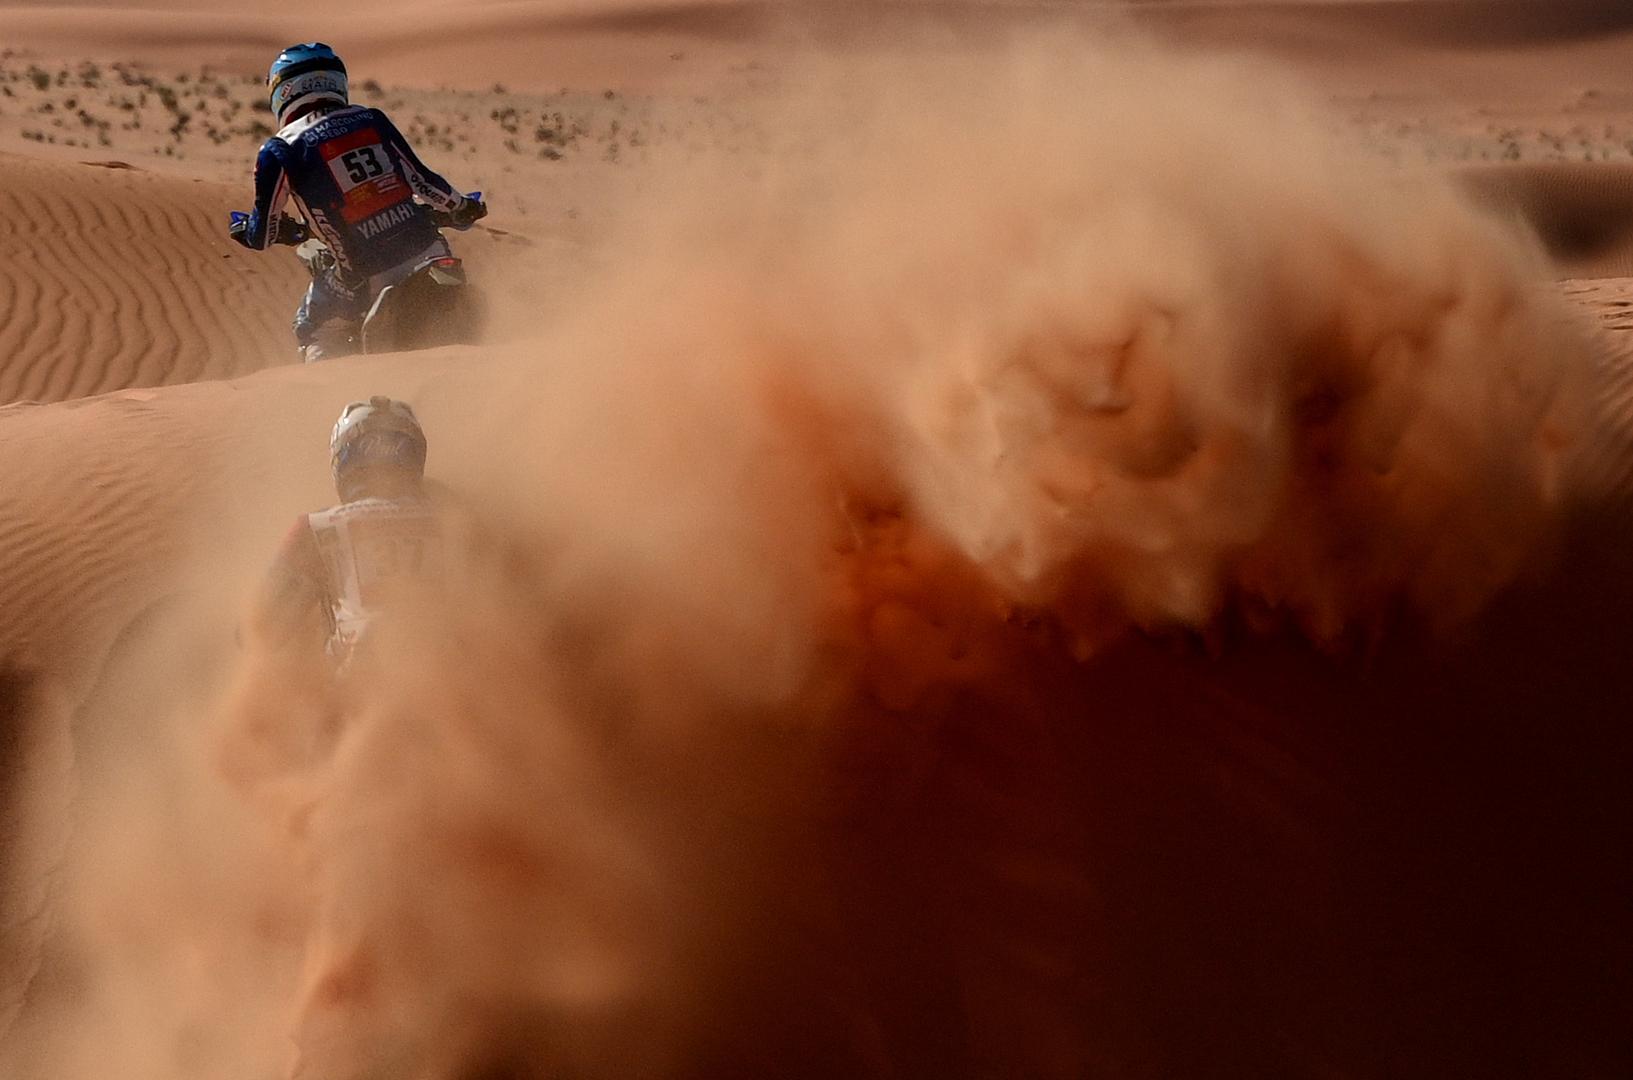 انسحاب متصدر الدراجات النارية كورنيخو بعد تعرضه لحادث في رالي داكار